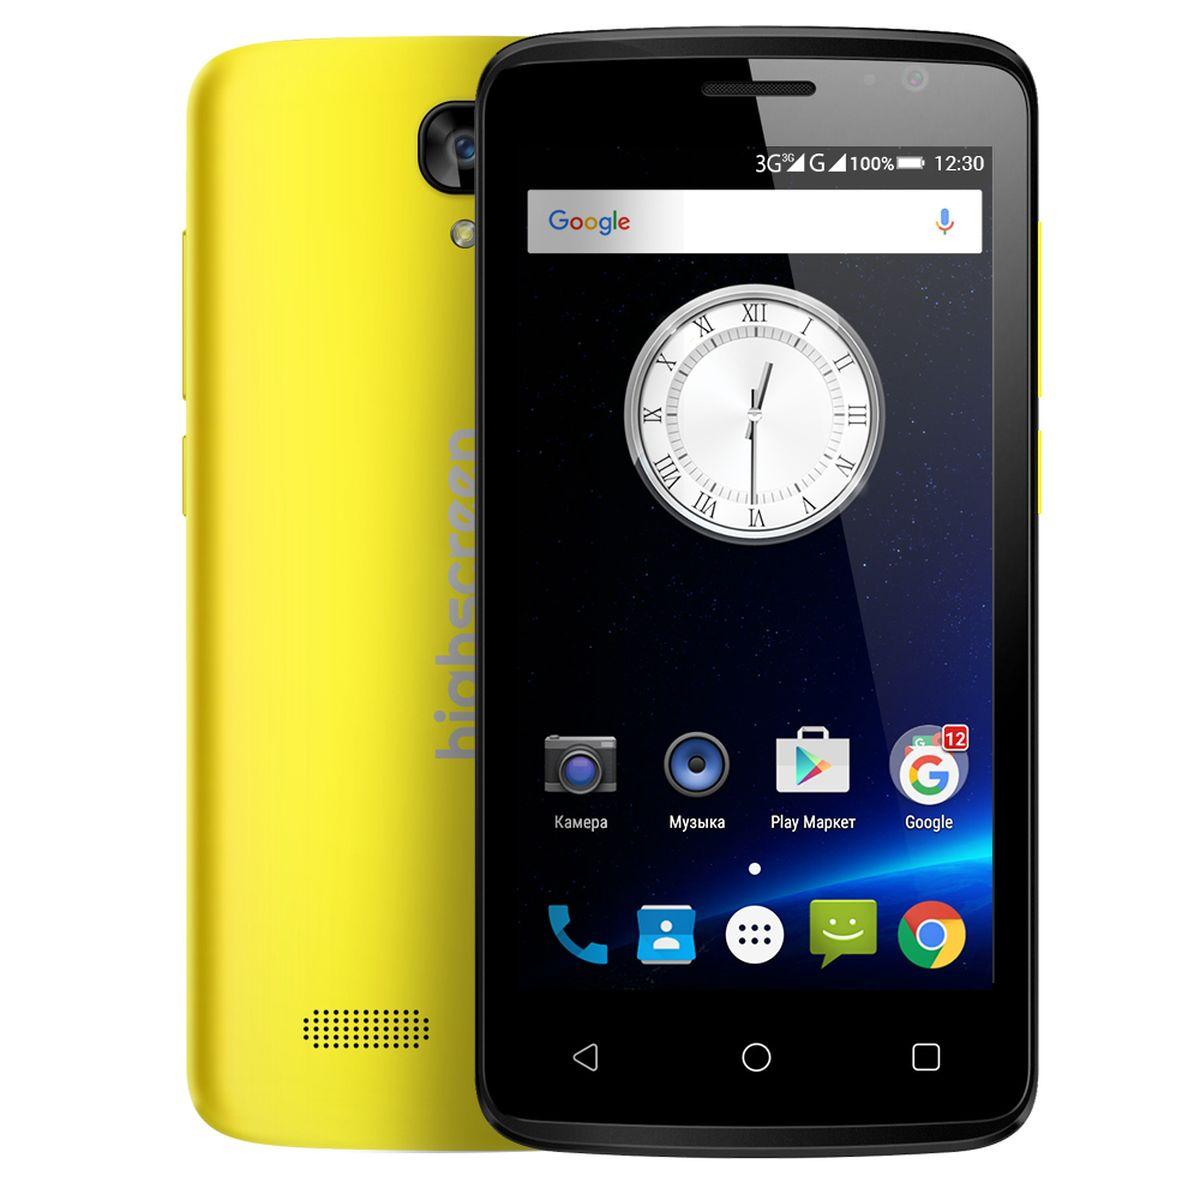 Highscreen Easy F Pro, Yellow23434Смартфон Highscreen Easy F Pro - это версия обычного Easy F новой линейки Easy. От своего предшественника Easy Pro отличается рядом улучшенных параметров: 5 мегапиксельной фотокамерой с автофокусом, размером оперативной и постоянной памяти объемом 1 ГБ и 8 ГБ соответственно. Экран Easy F Pro оснащён IPS матрицей. Телефон работает под управлением операционной системы Андроид. Чистая версия Android 5.1 не имеет лишних предустановленных приложений, предоставляя пользователю полную свободу выбора. Диагональ экрана Easy F Pro составляет 4,5 дюйма, предоставляя идеальную эргономику и комфорт в использовании телефона. Корпус мобильного телефона матовый и приятный на ощупь. Процессор мобильного телефона четыръёхядерный сбалансированный MediaTek MT6780. Стабильное интернет- соединение обеспечит поддержка 3G сетей, Wi-Fi. А, сохранить всю нужную информацию возможно на карту памяти для которой предусмотрен слот. Highscreen Easy F Pro легко...